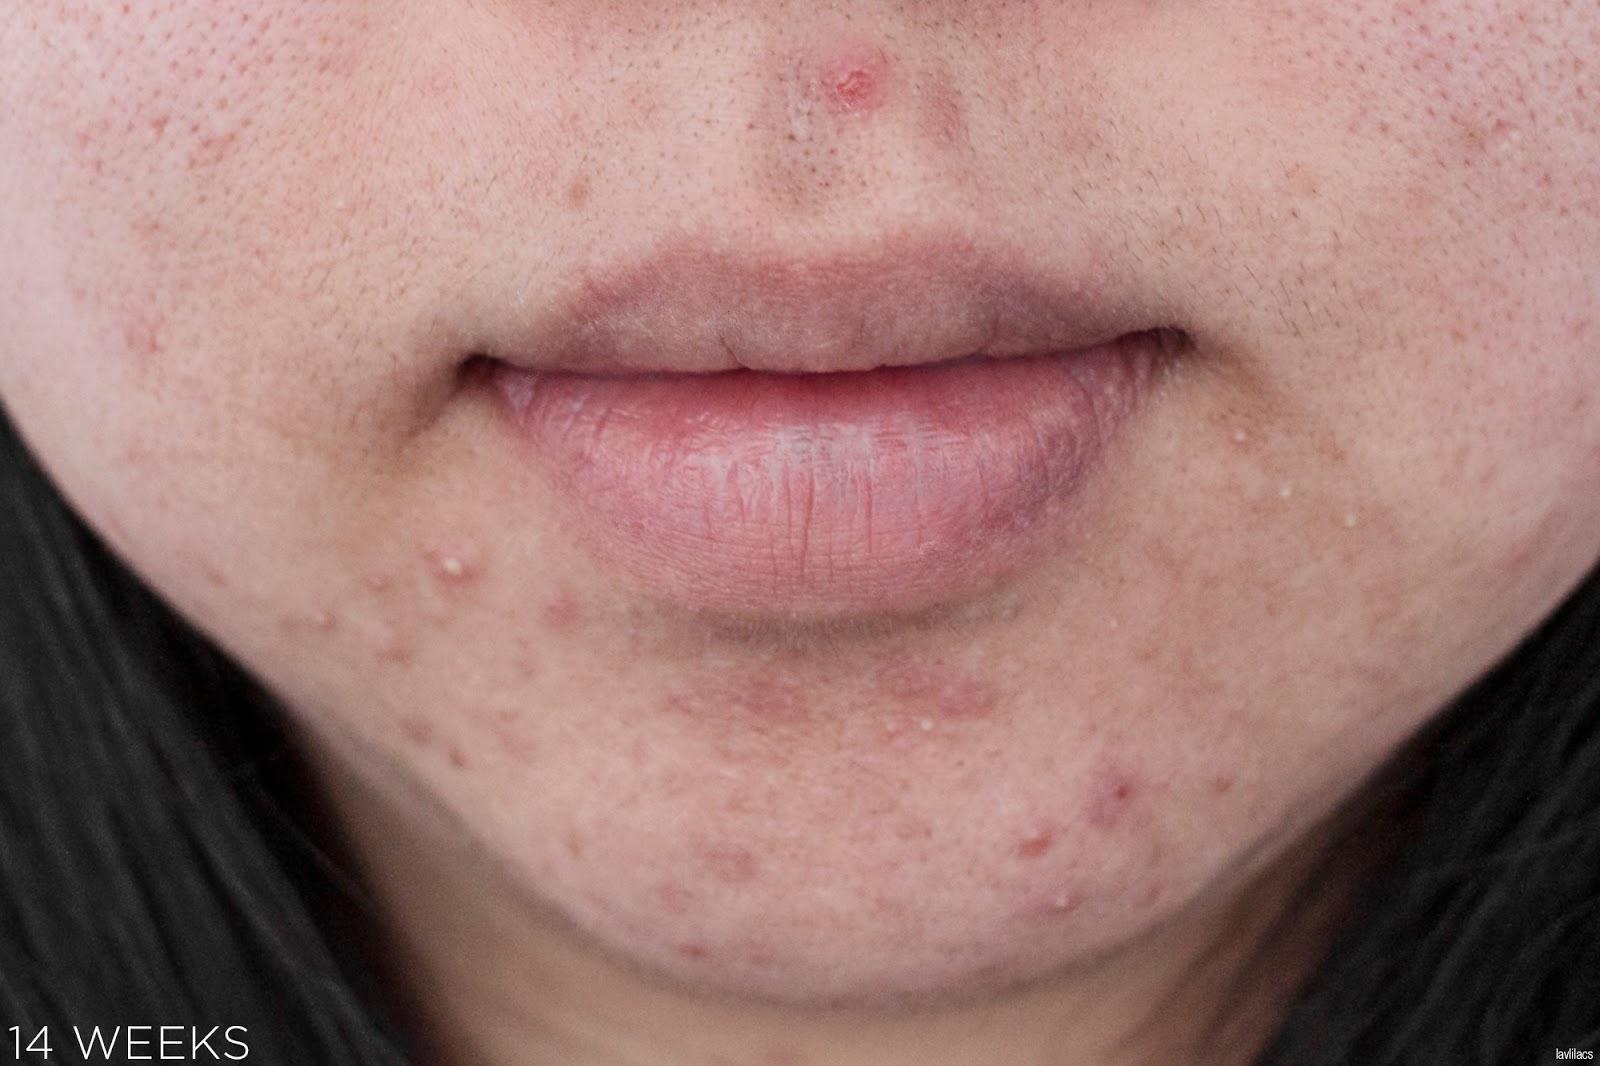 tria Hair Removal Laser Facial Hair 14 Weeks, 3 months Closeup